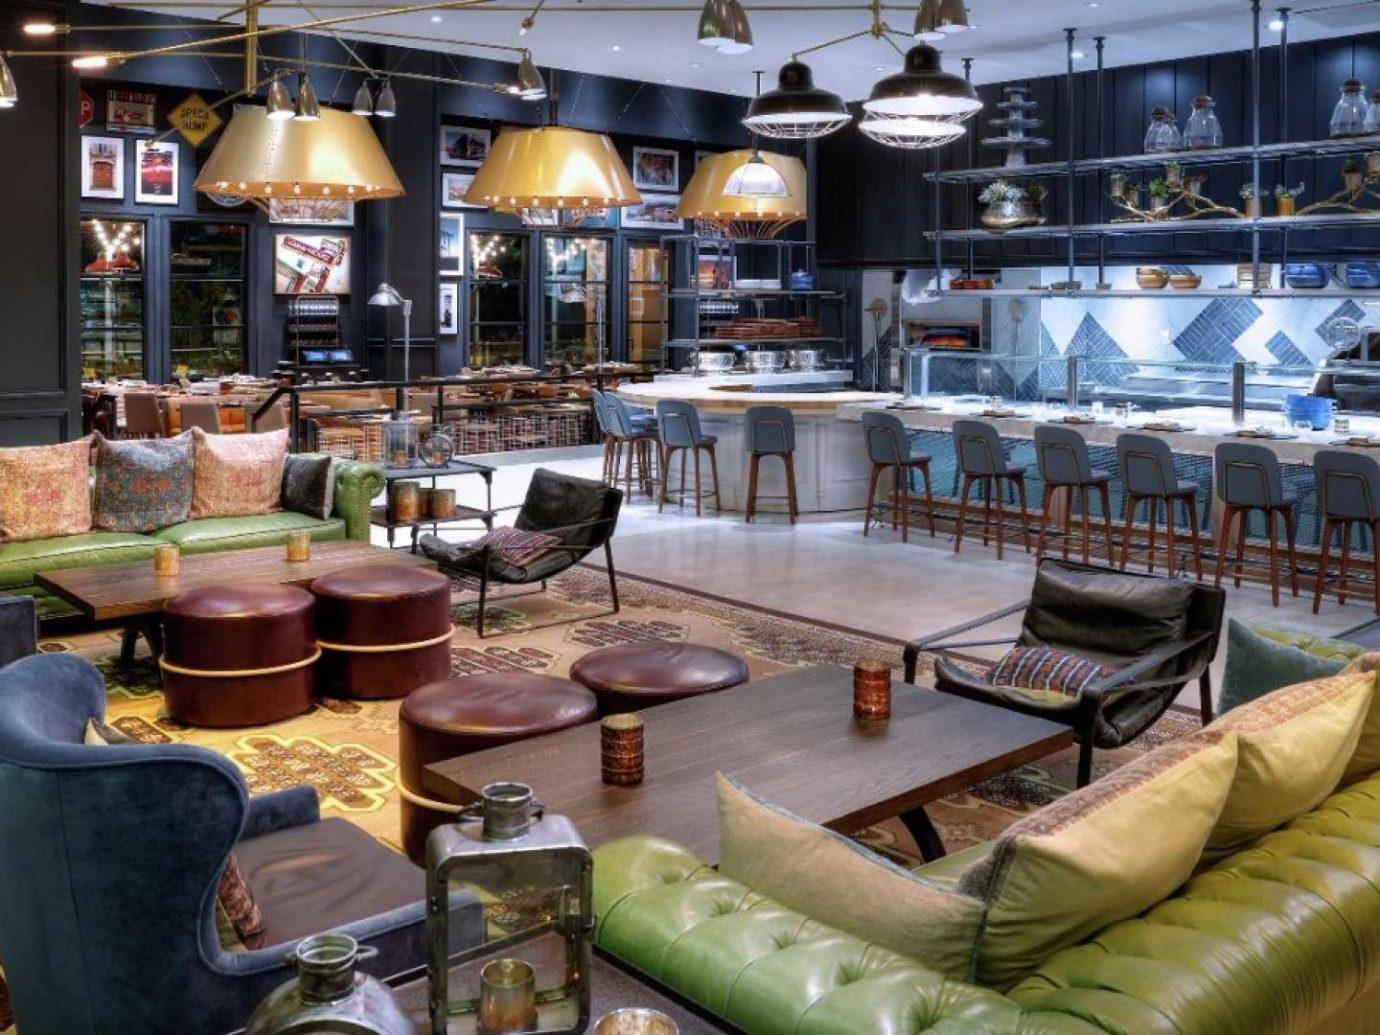 Food + Drink indoor Living room meal restaurant interior design Bar furniture leather several